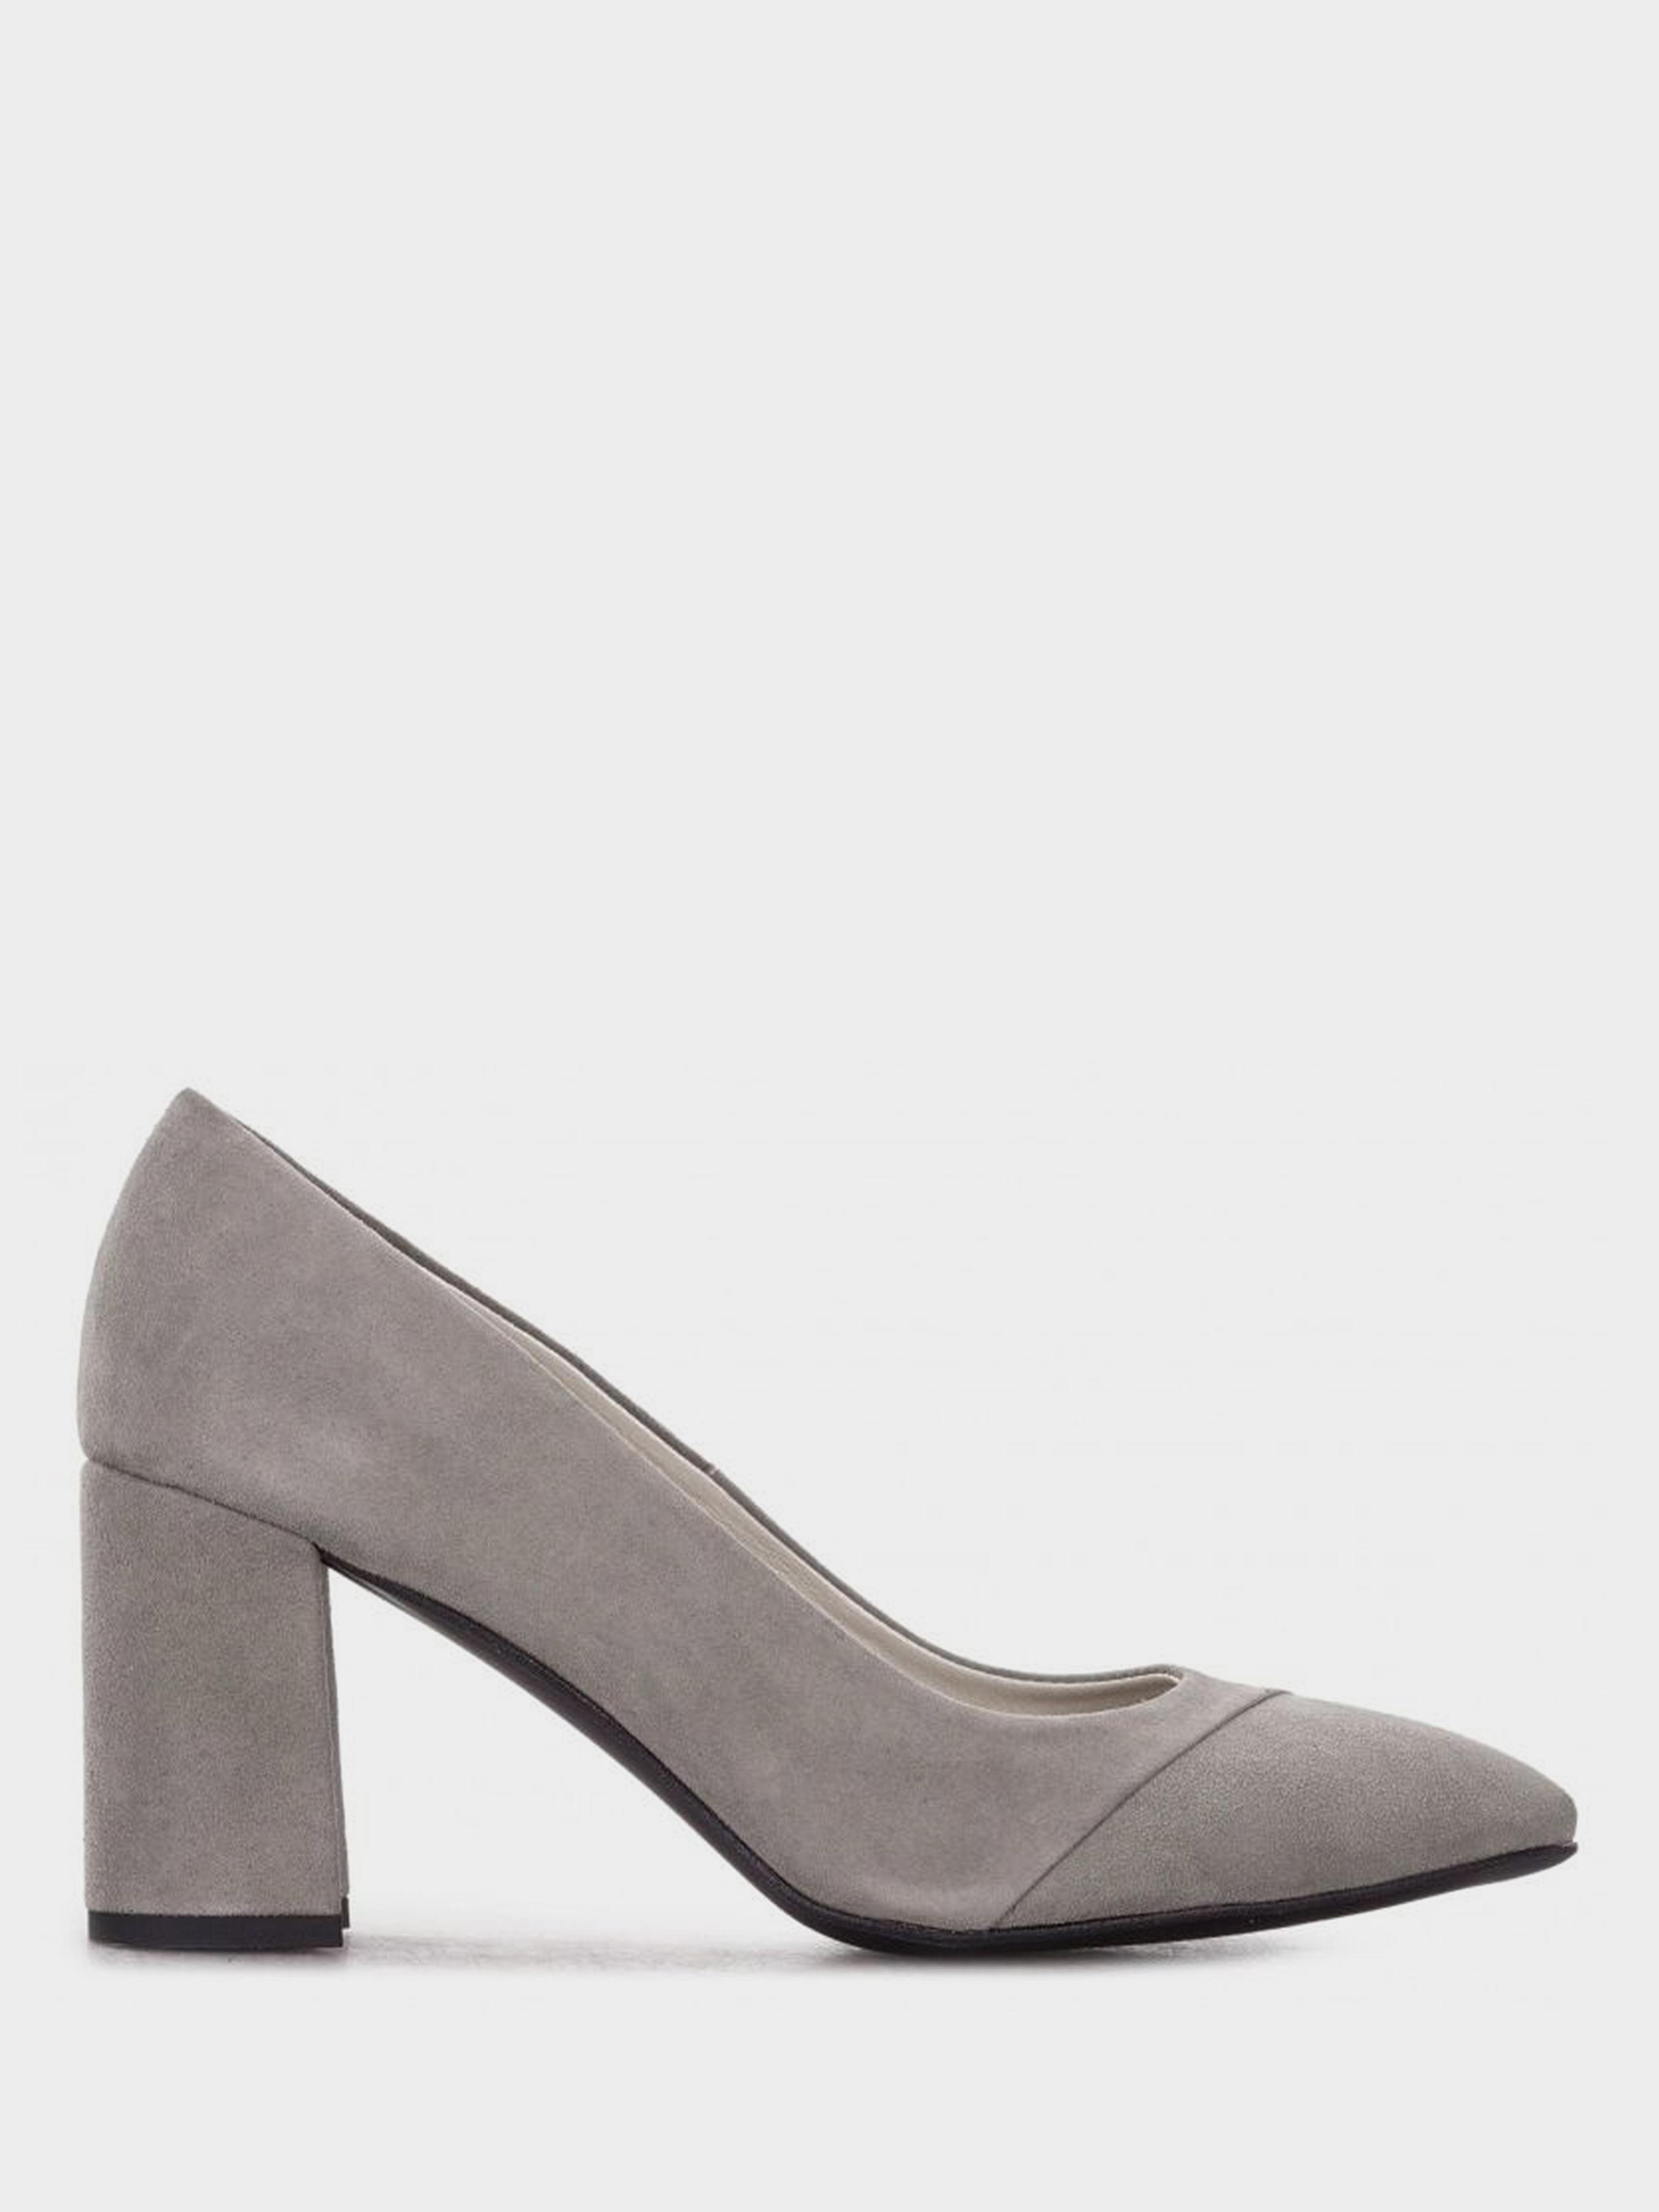 Купить Туфли женские MADIRO 9P61, Серый